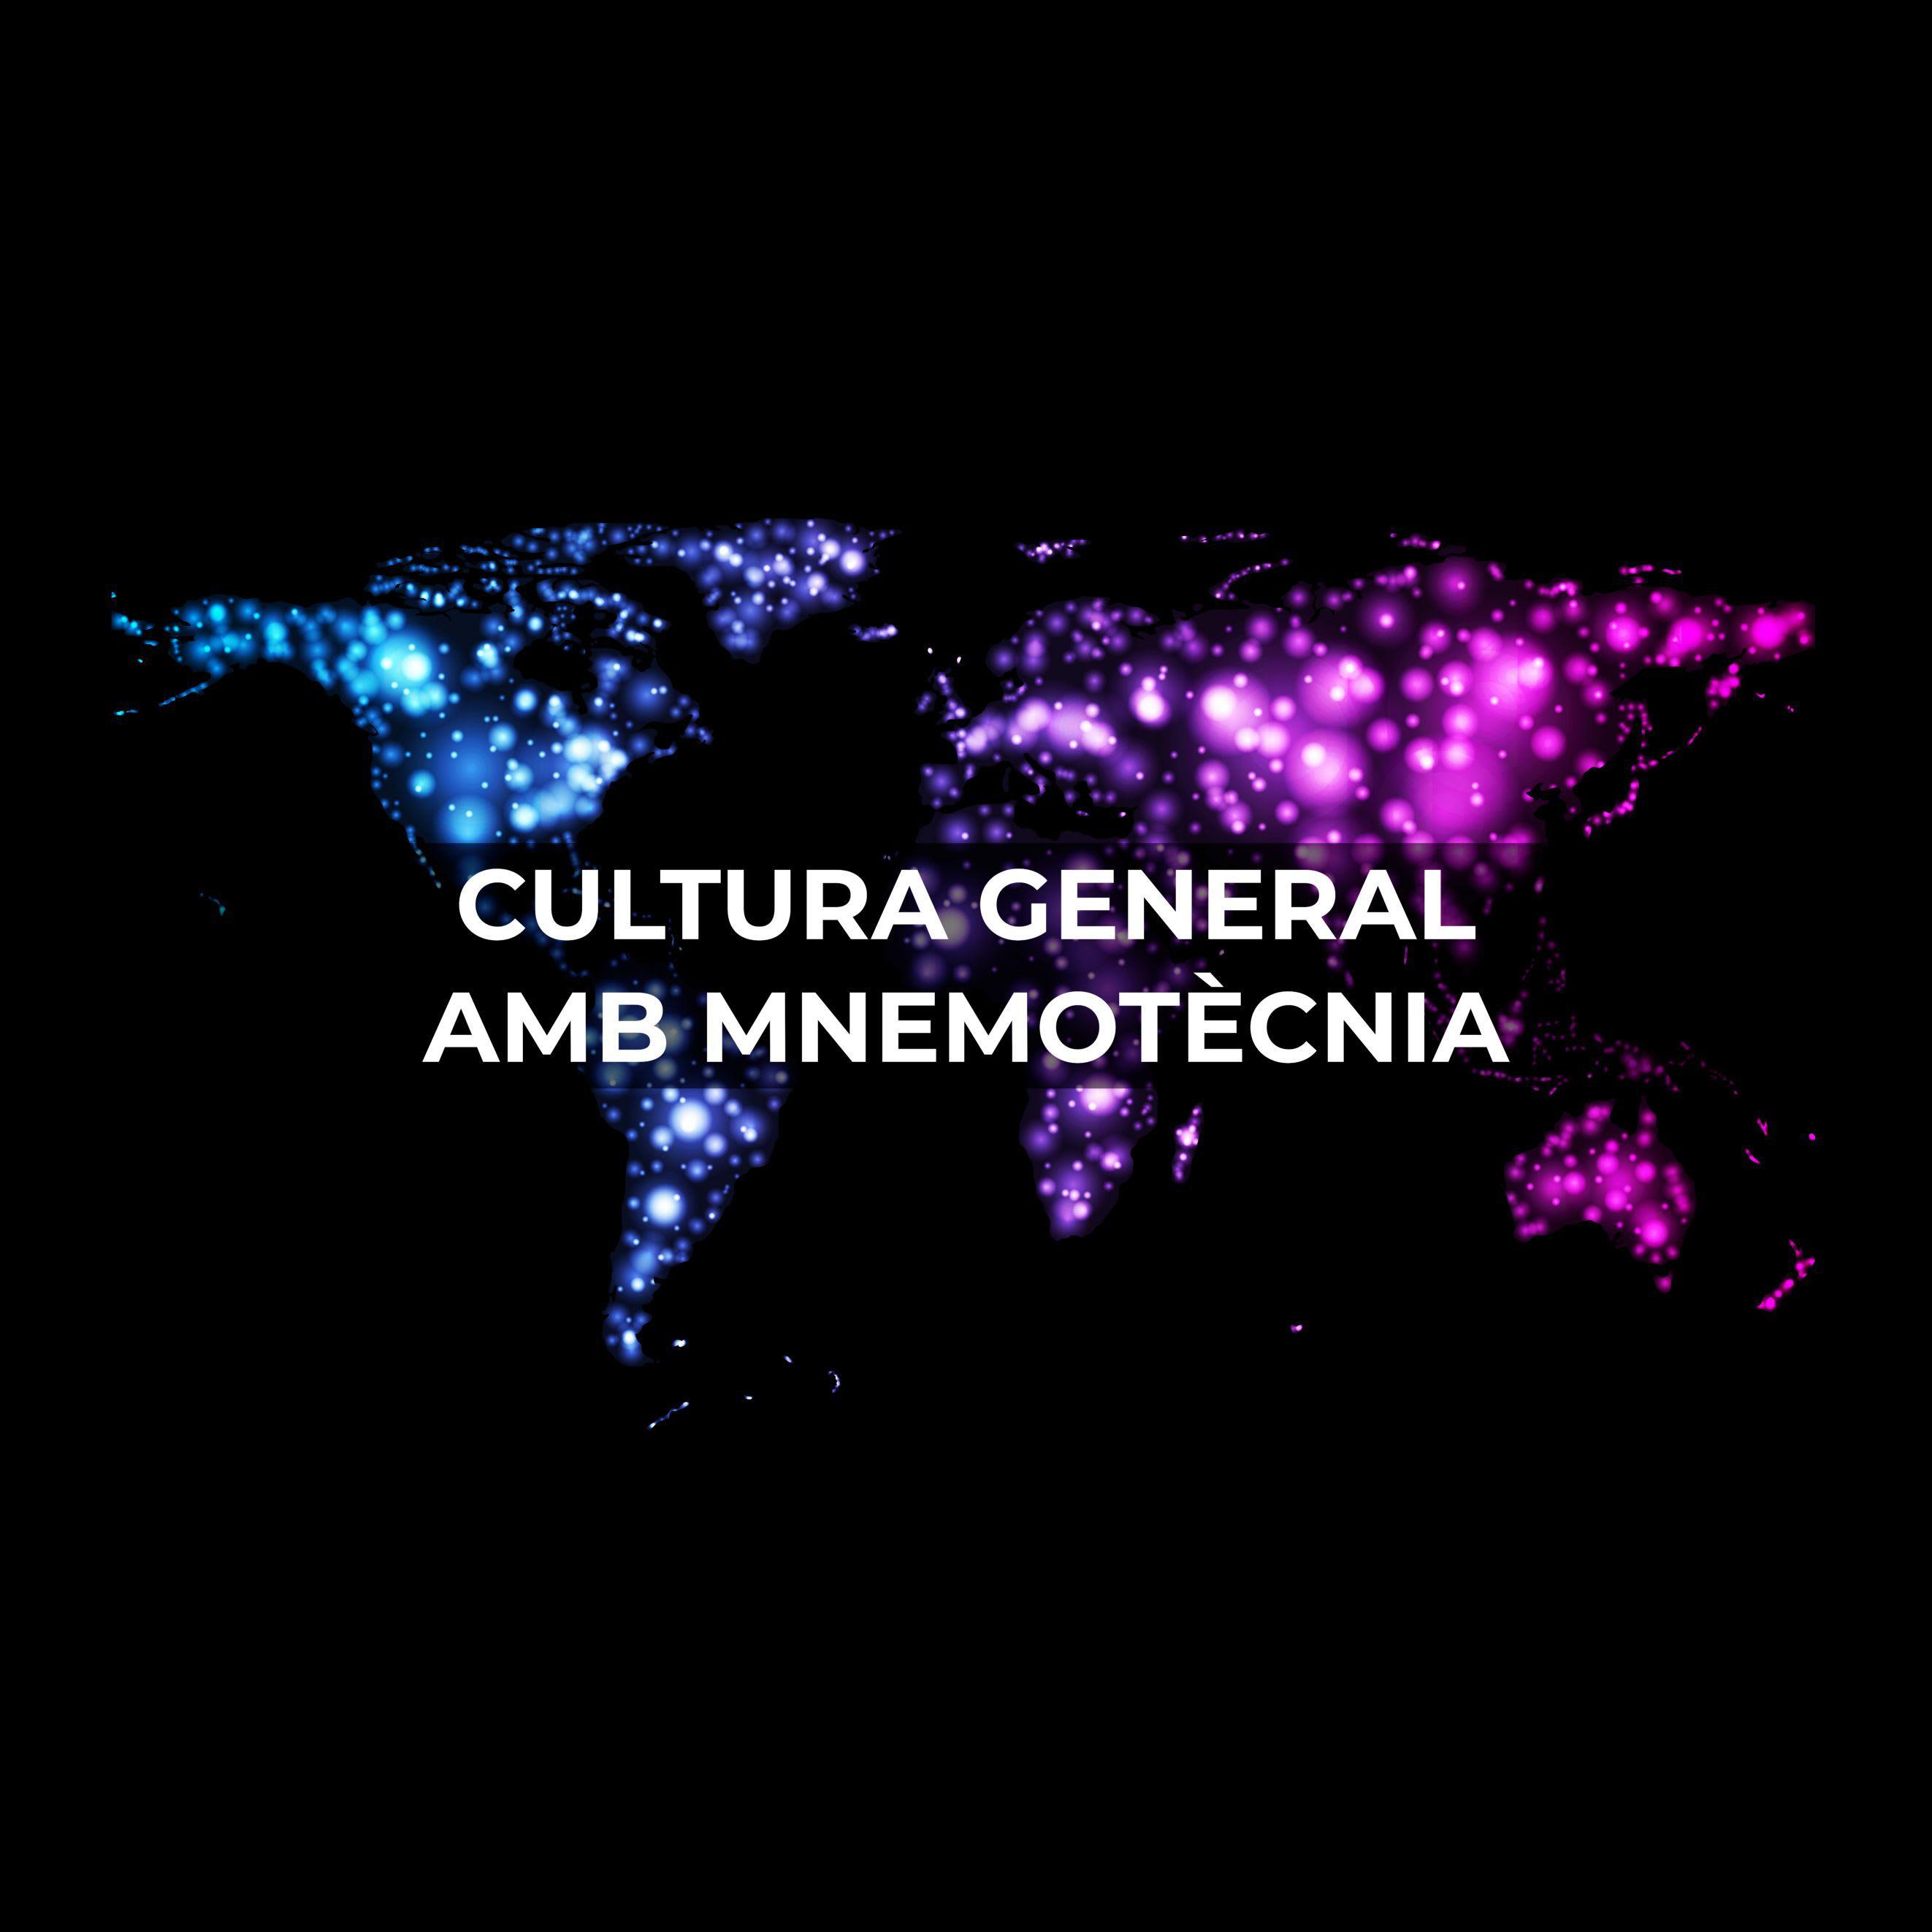 Curs Cultura General amb Mnemotècnia